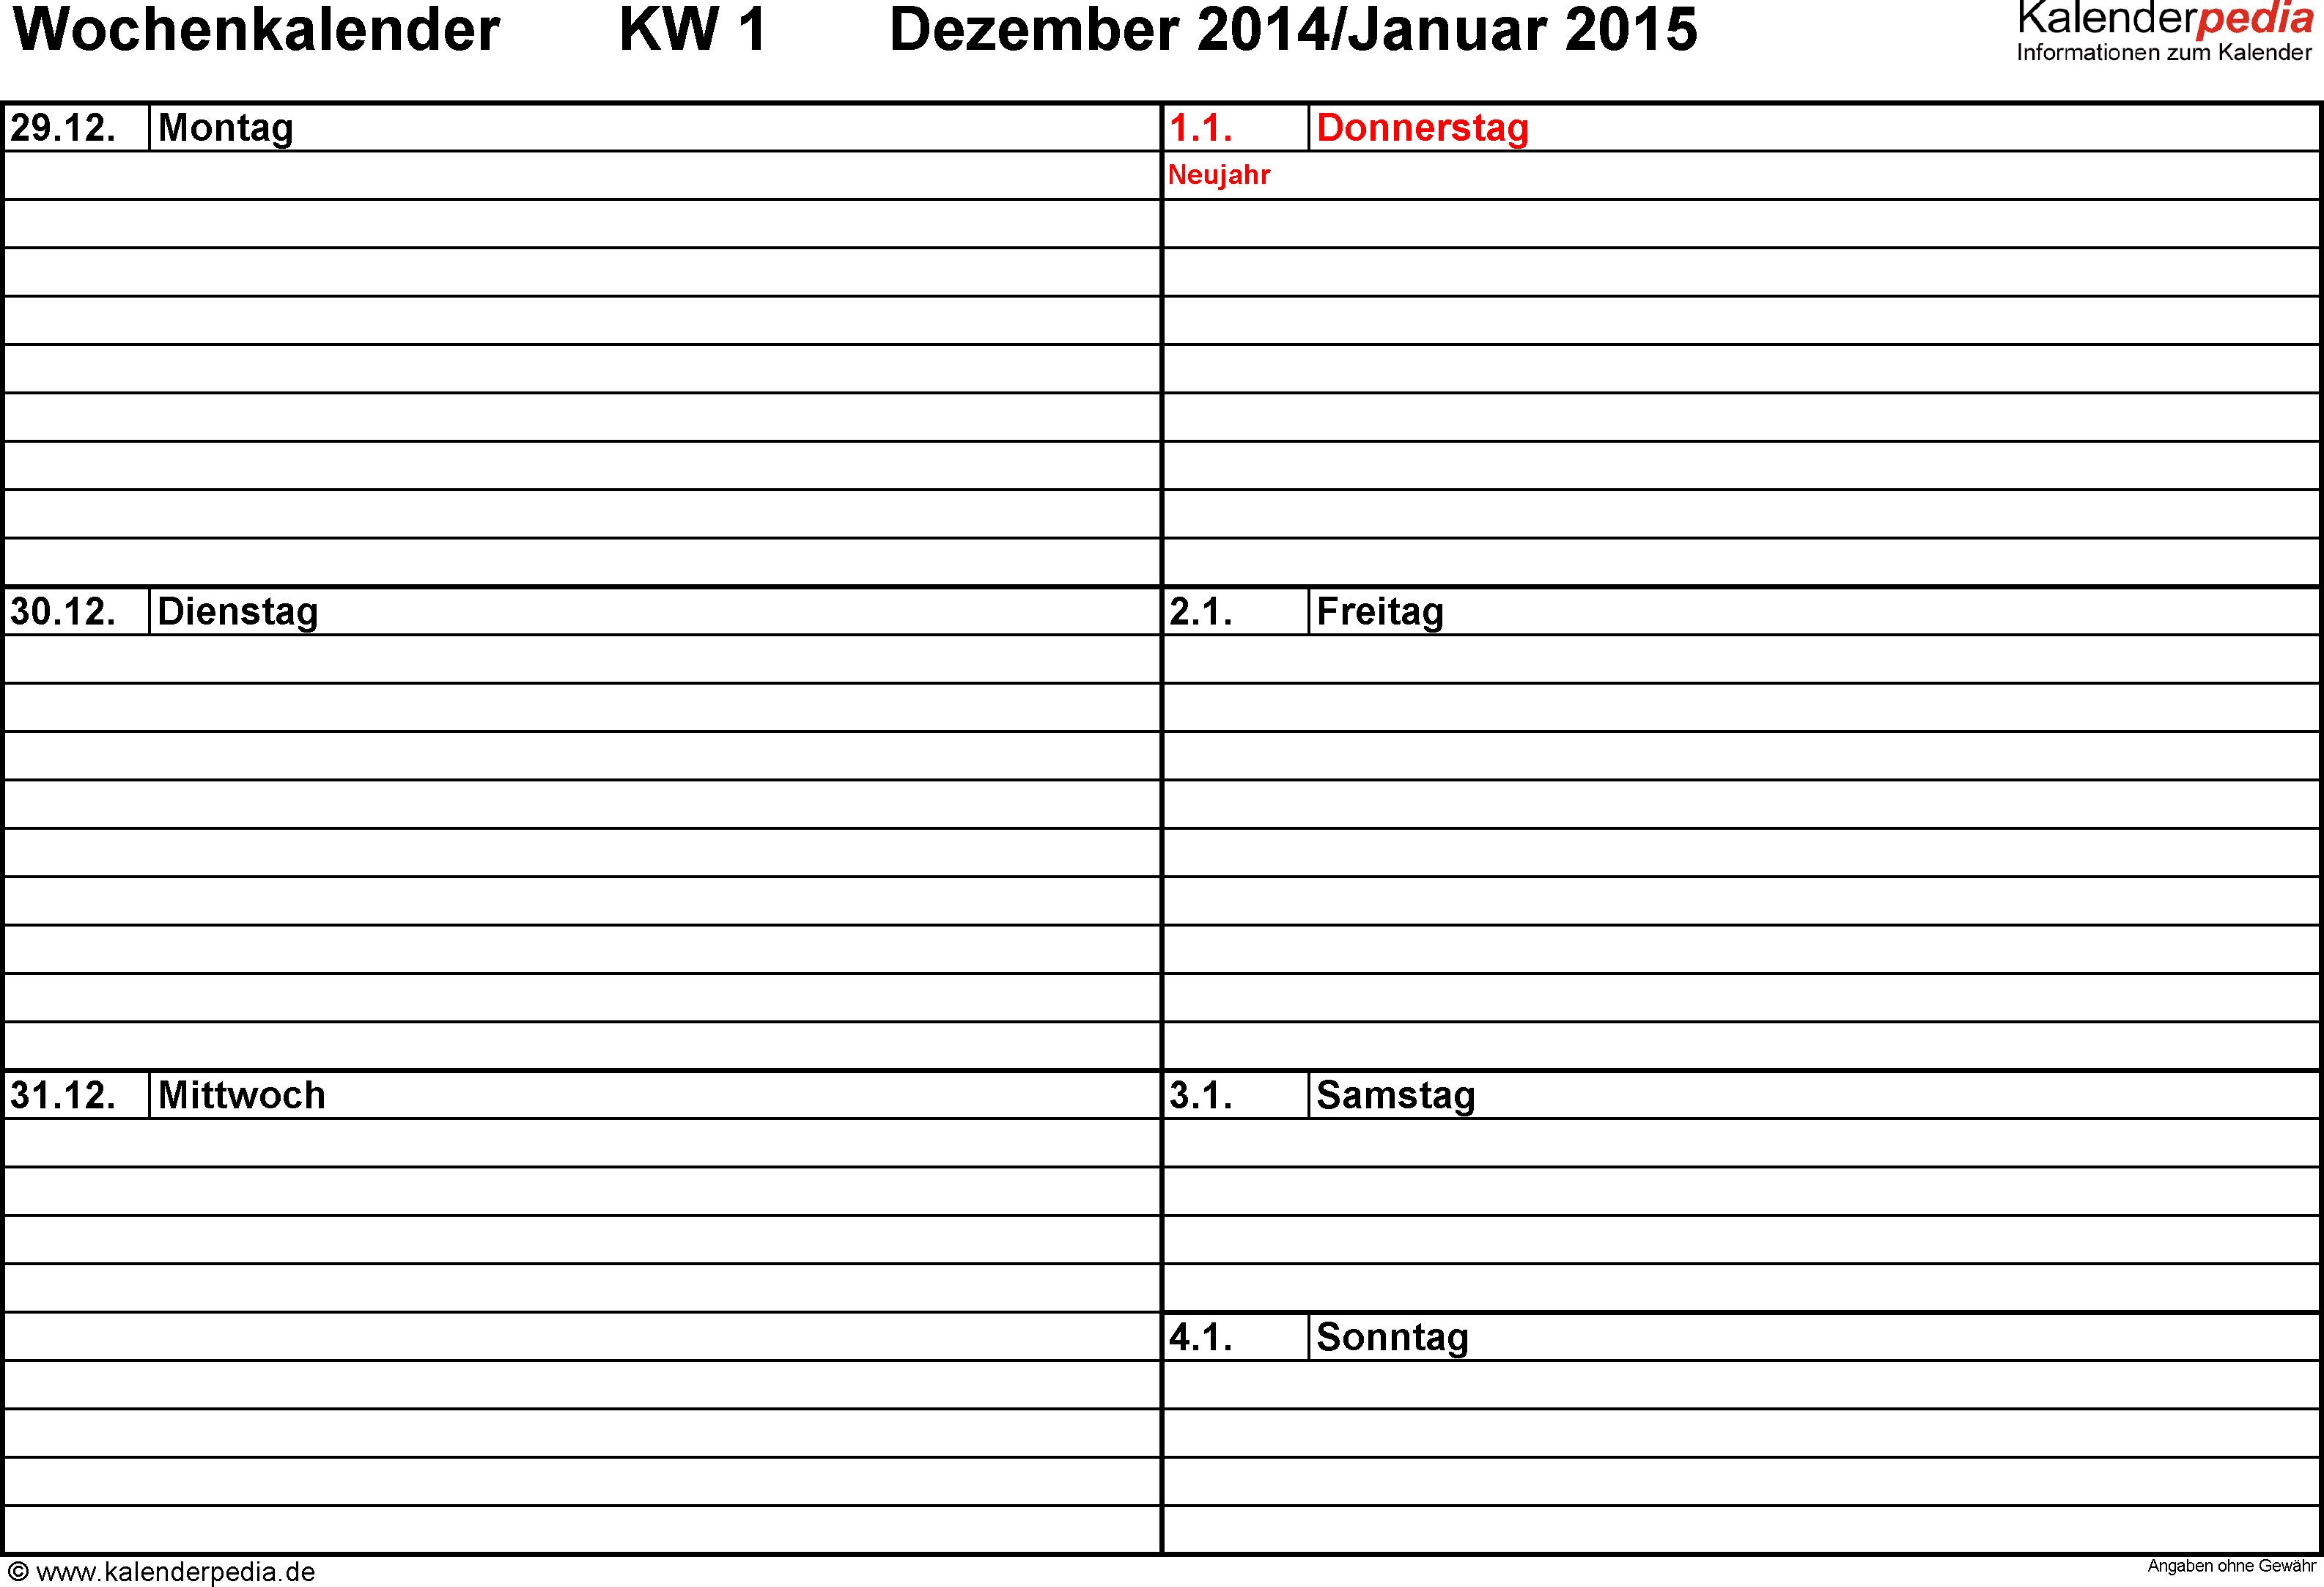 Vorlage 1: Wochenkalender 2015 als Excel-Vorlage, Querformat, Tage nebeneinander, 53 Seiten (1 Woche auf 1 Seite)